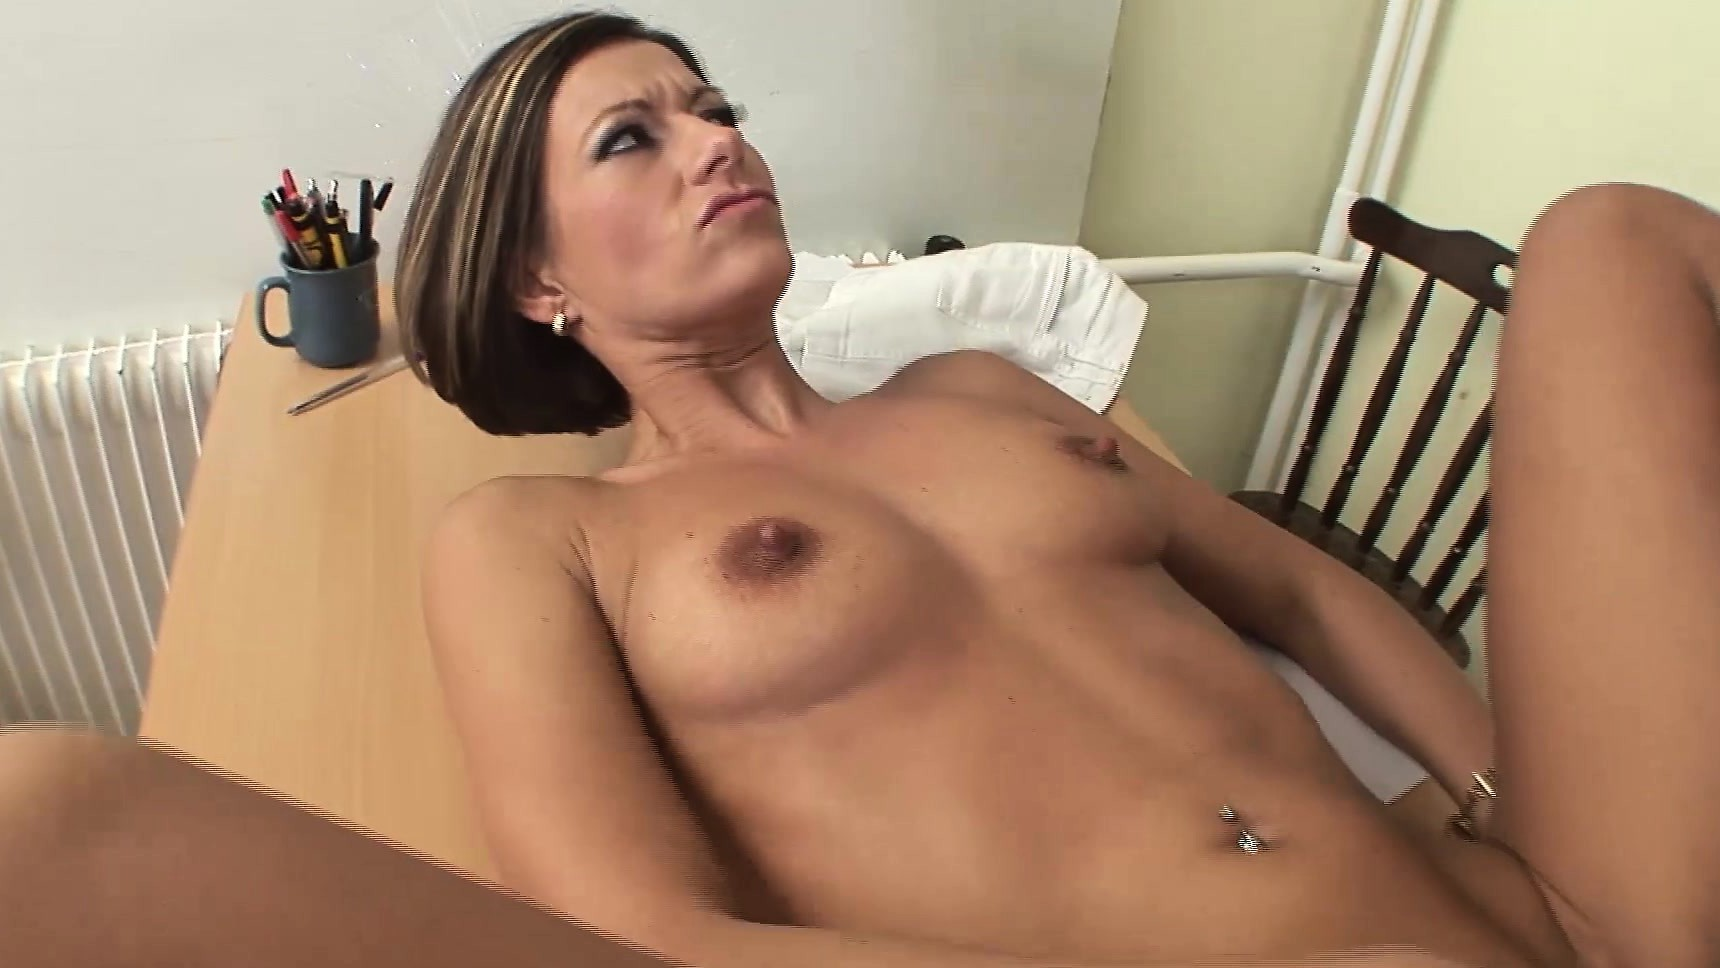 Смотреть порно инцент мамки фильмы онлайн бесплатно в хорошем качестве фото 587-426